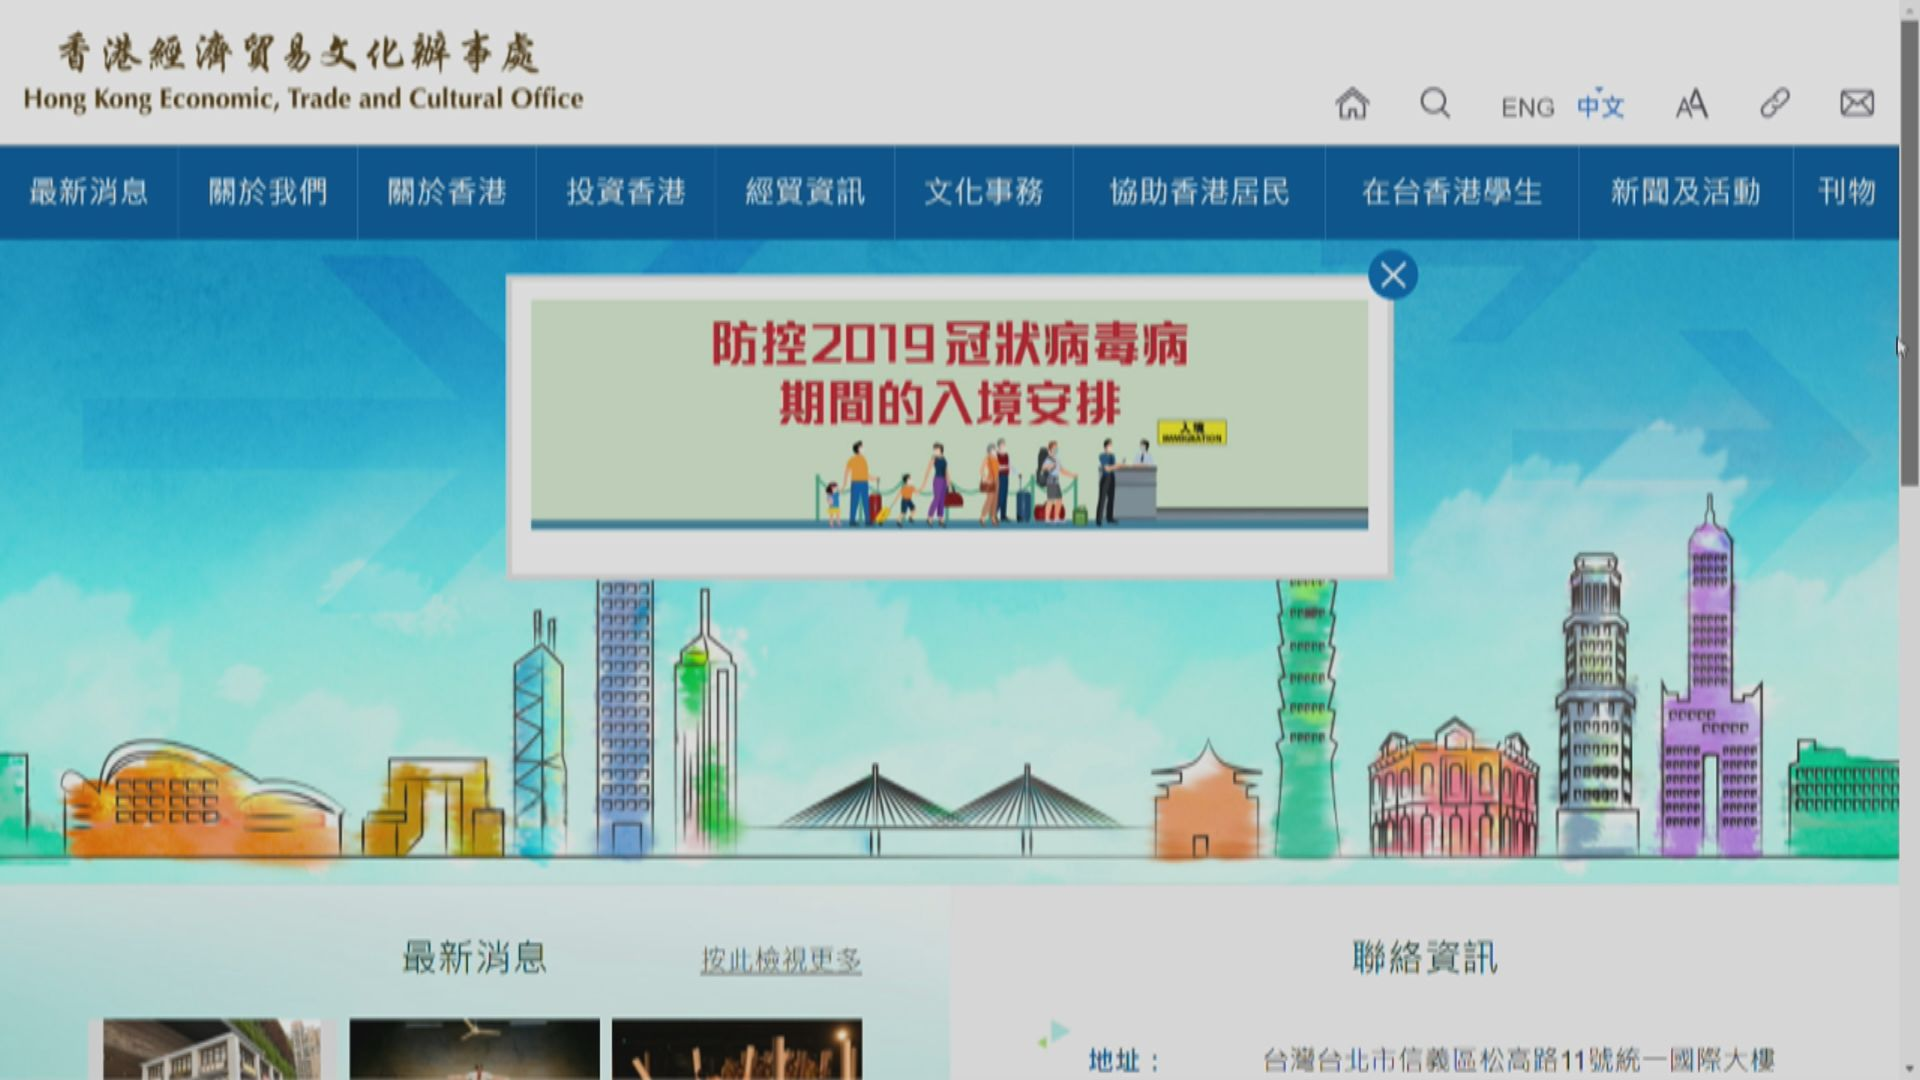 港府在台灣的經濟貿易文化辦事處即日起暫停運作 稱與疫情無關